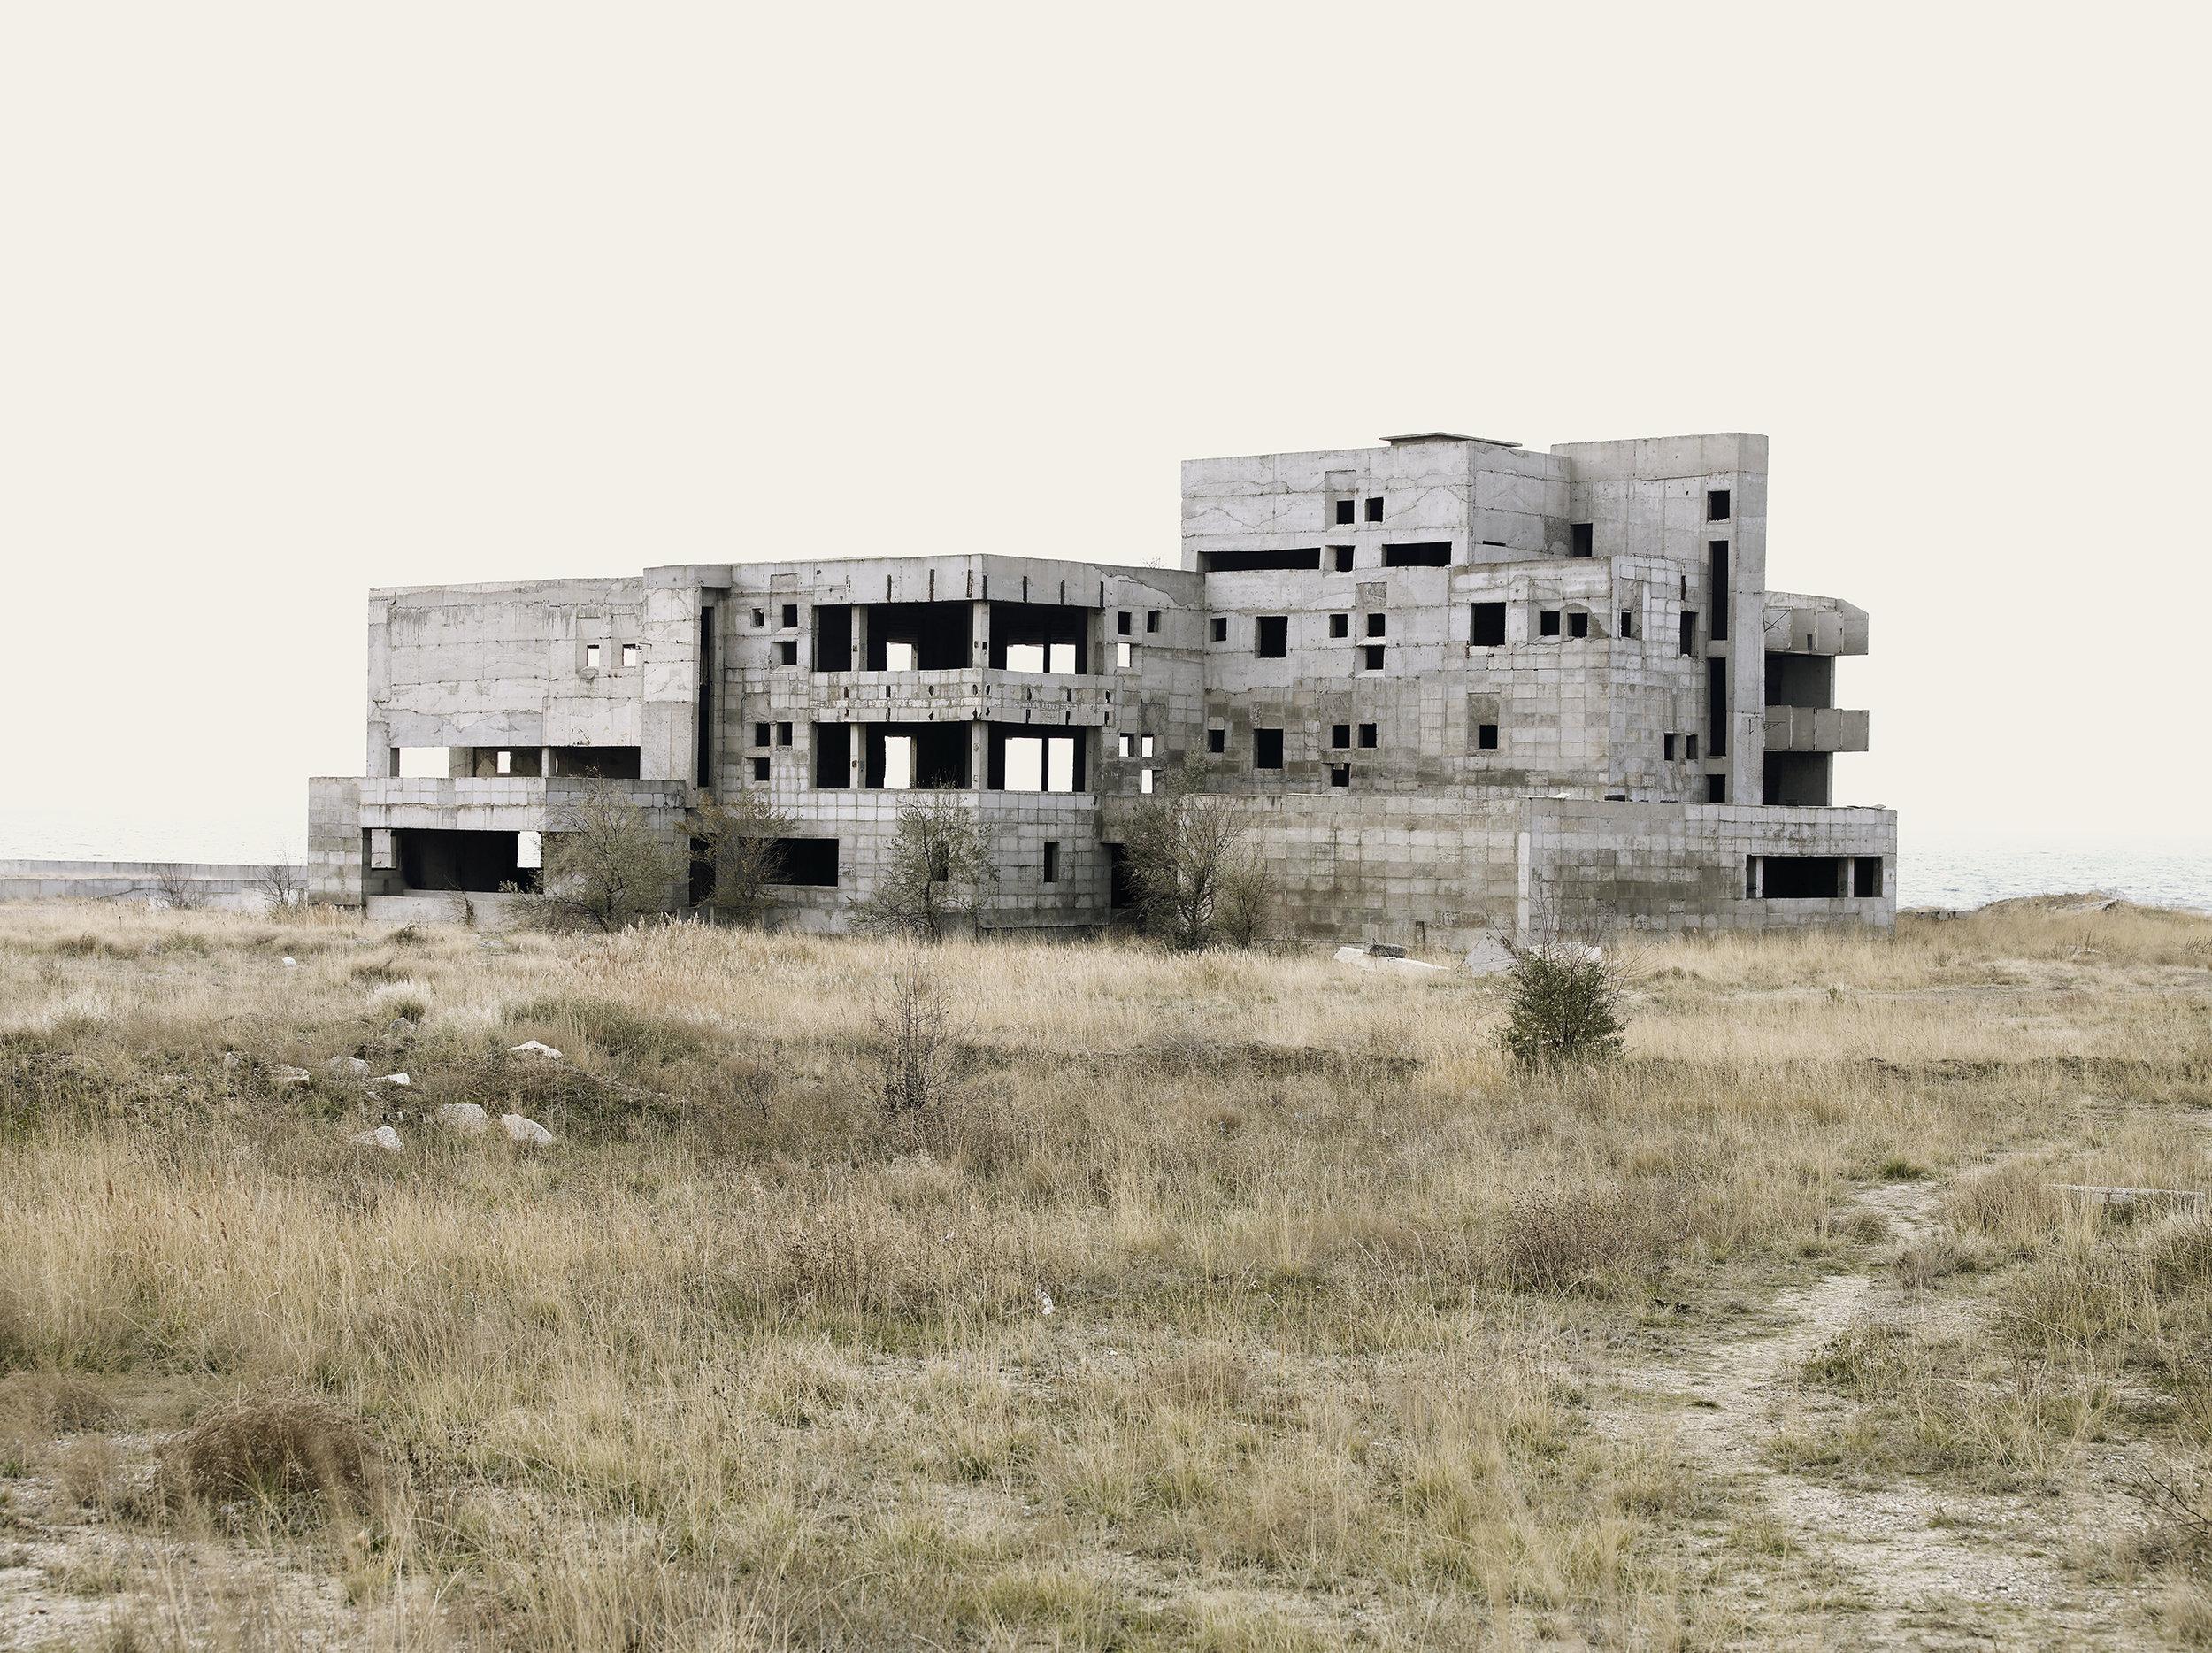 Abandoned construction, Ukraine, 2007.